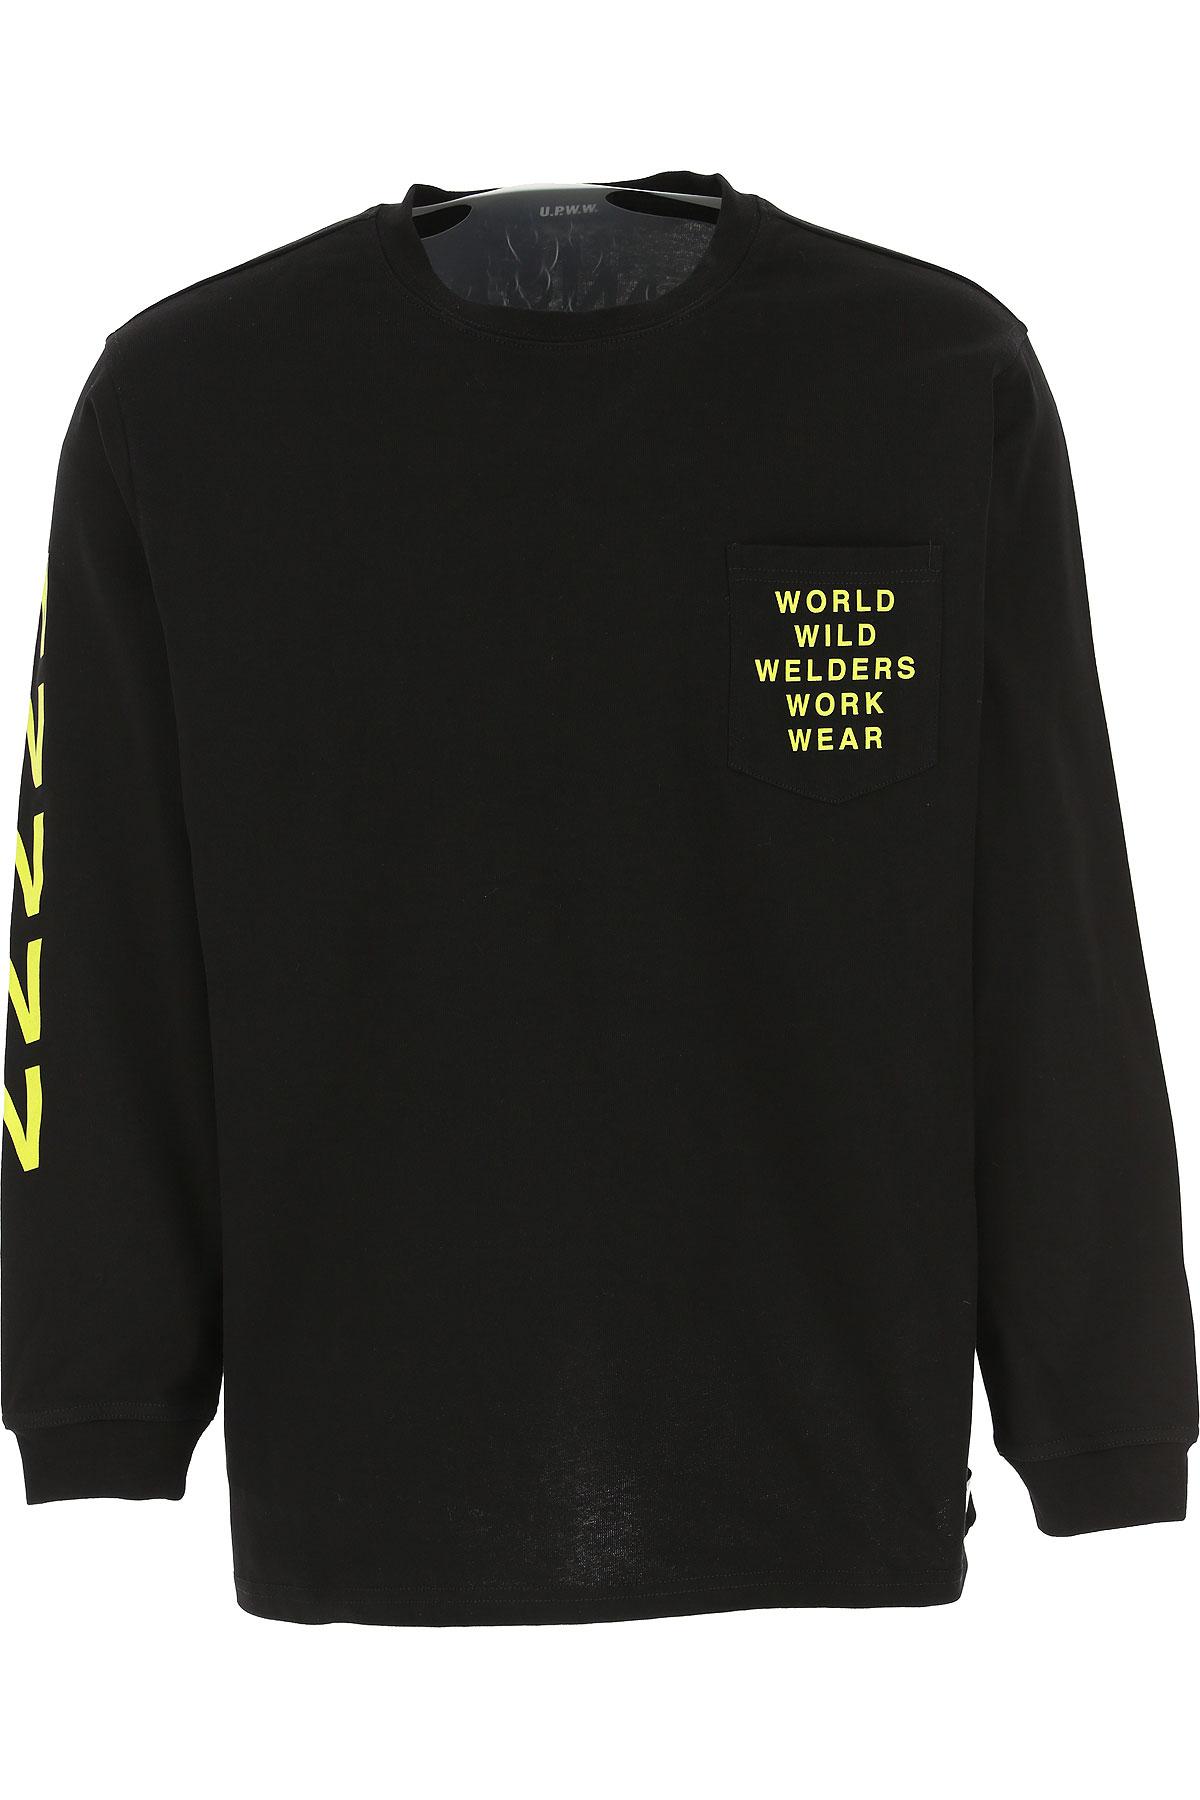 U.P.W.W. T-shirt Homme Pas cher en Soldes, Noir, Coton, 2019, M S XL